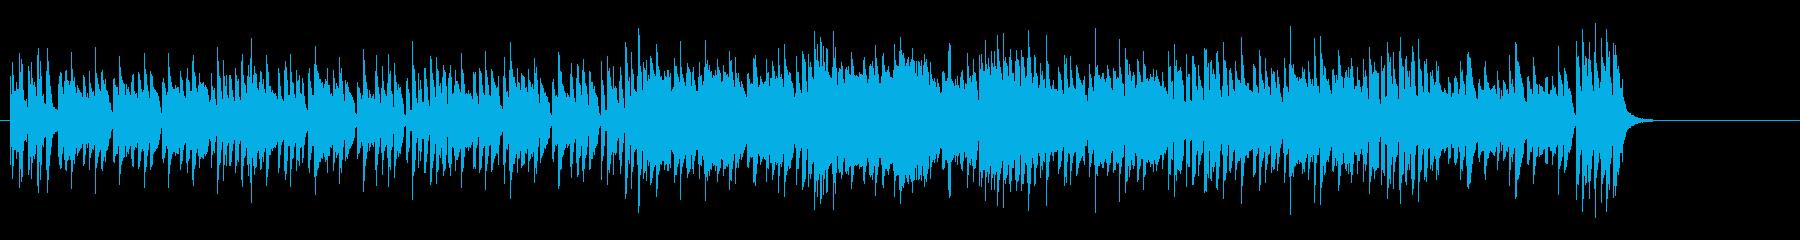 デジタル色の濃いエレクトリック・ポップの再生済みの波形